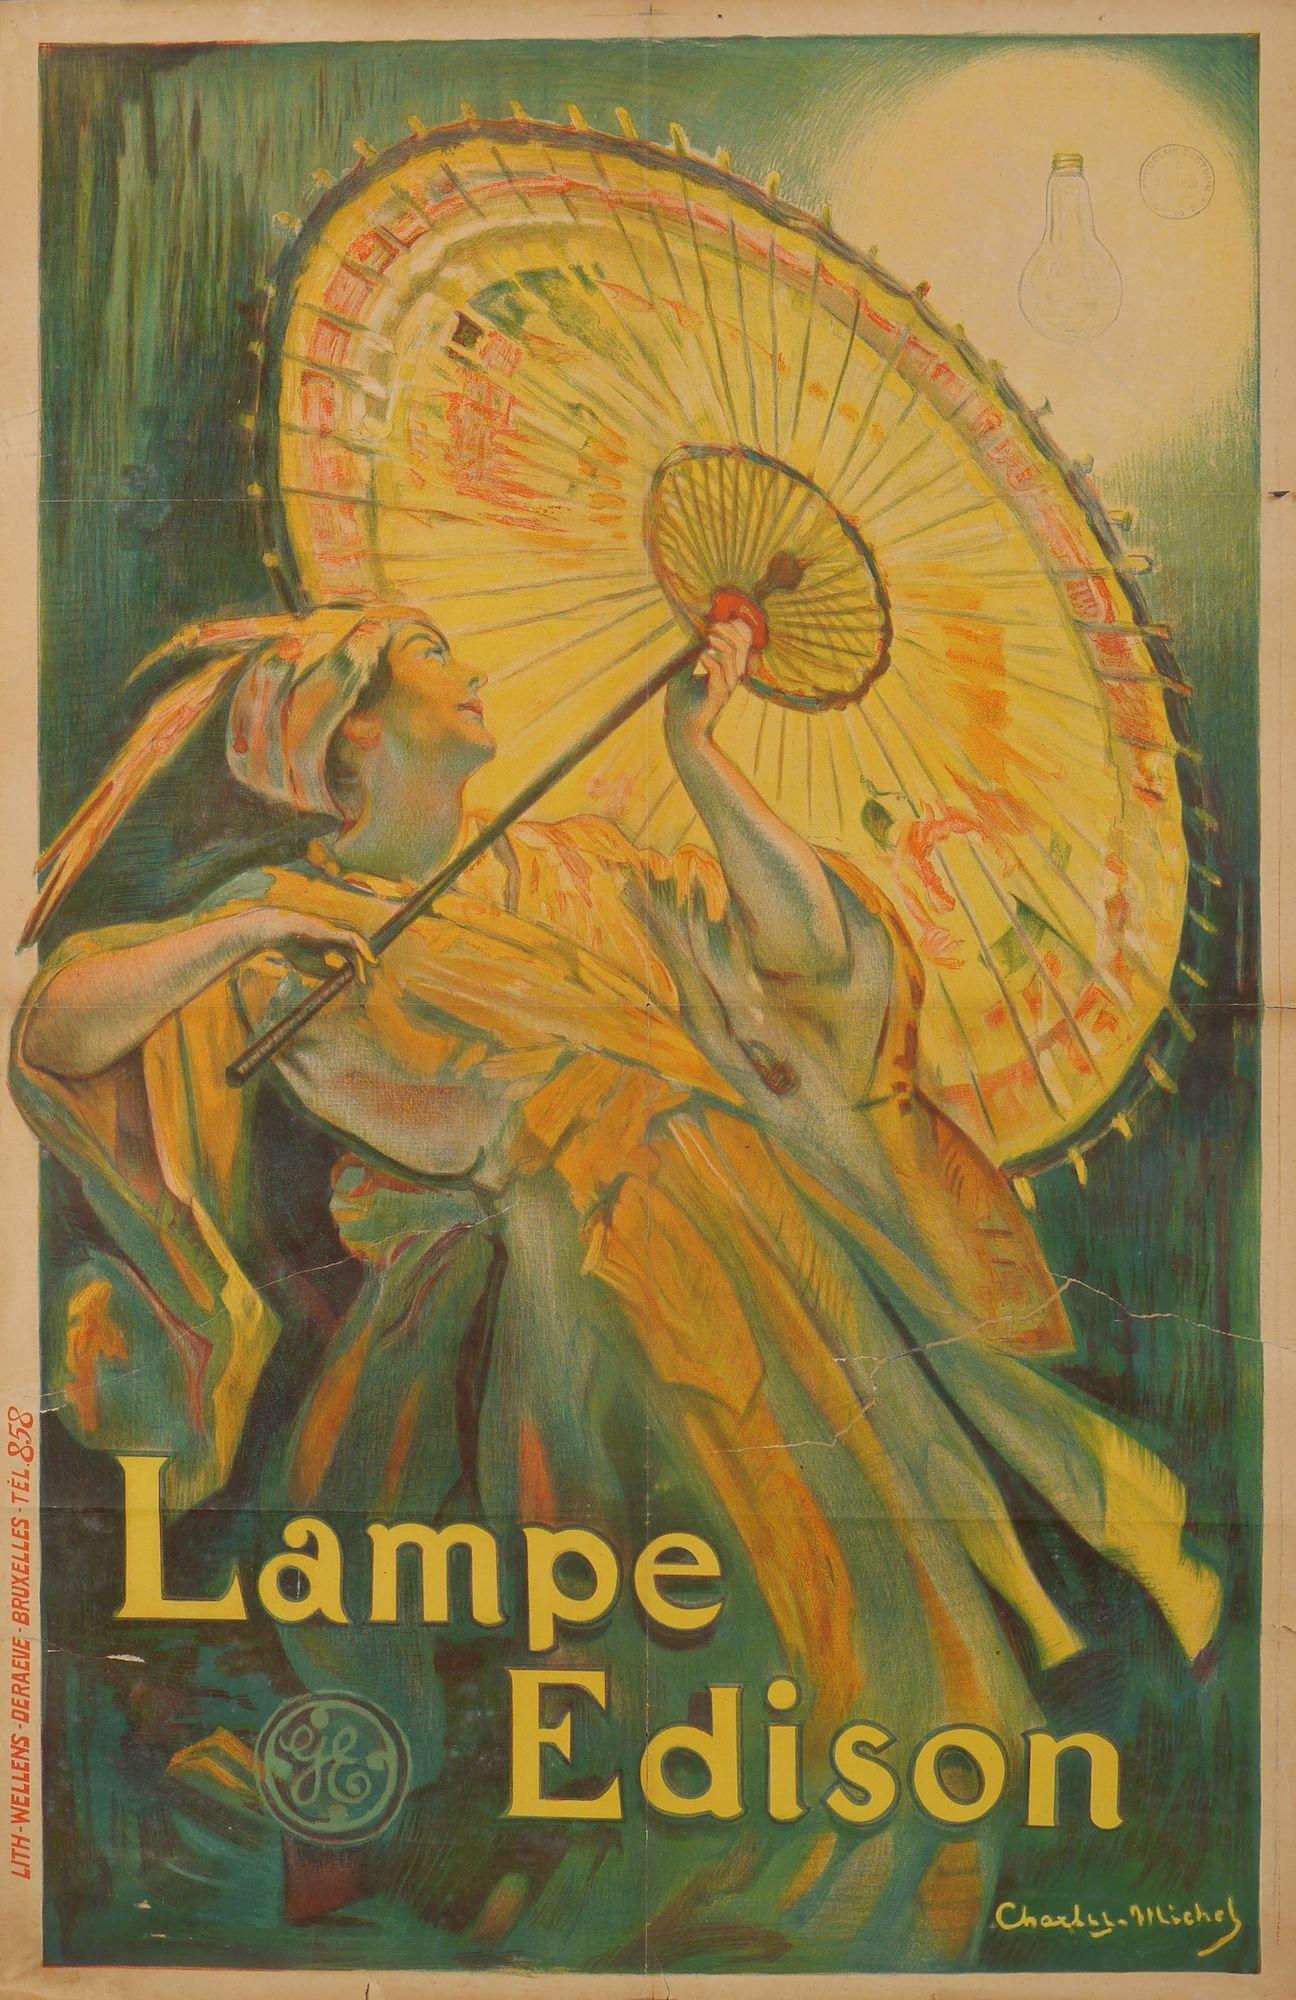 Publicitaire kleurenlitho voor Edisonlampen van het merk General Electric